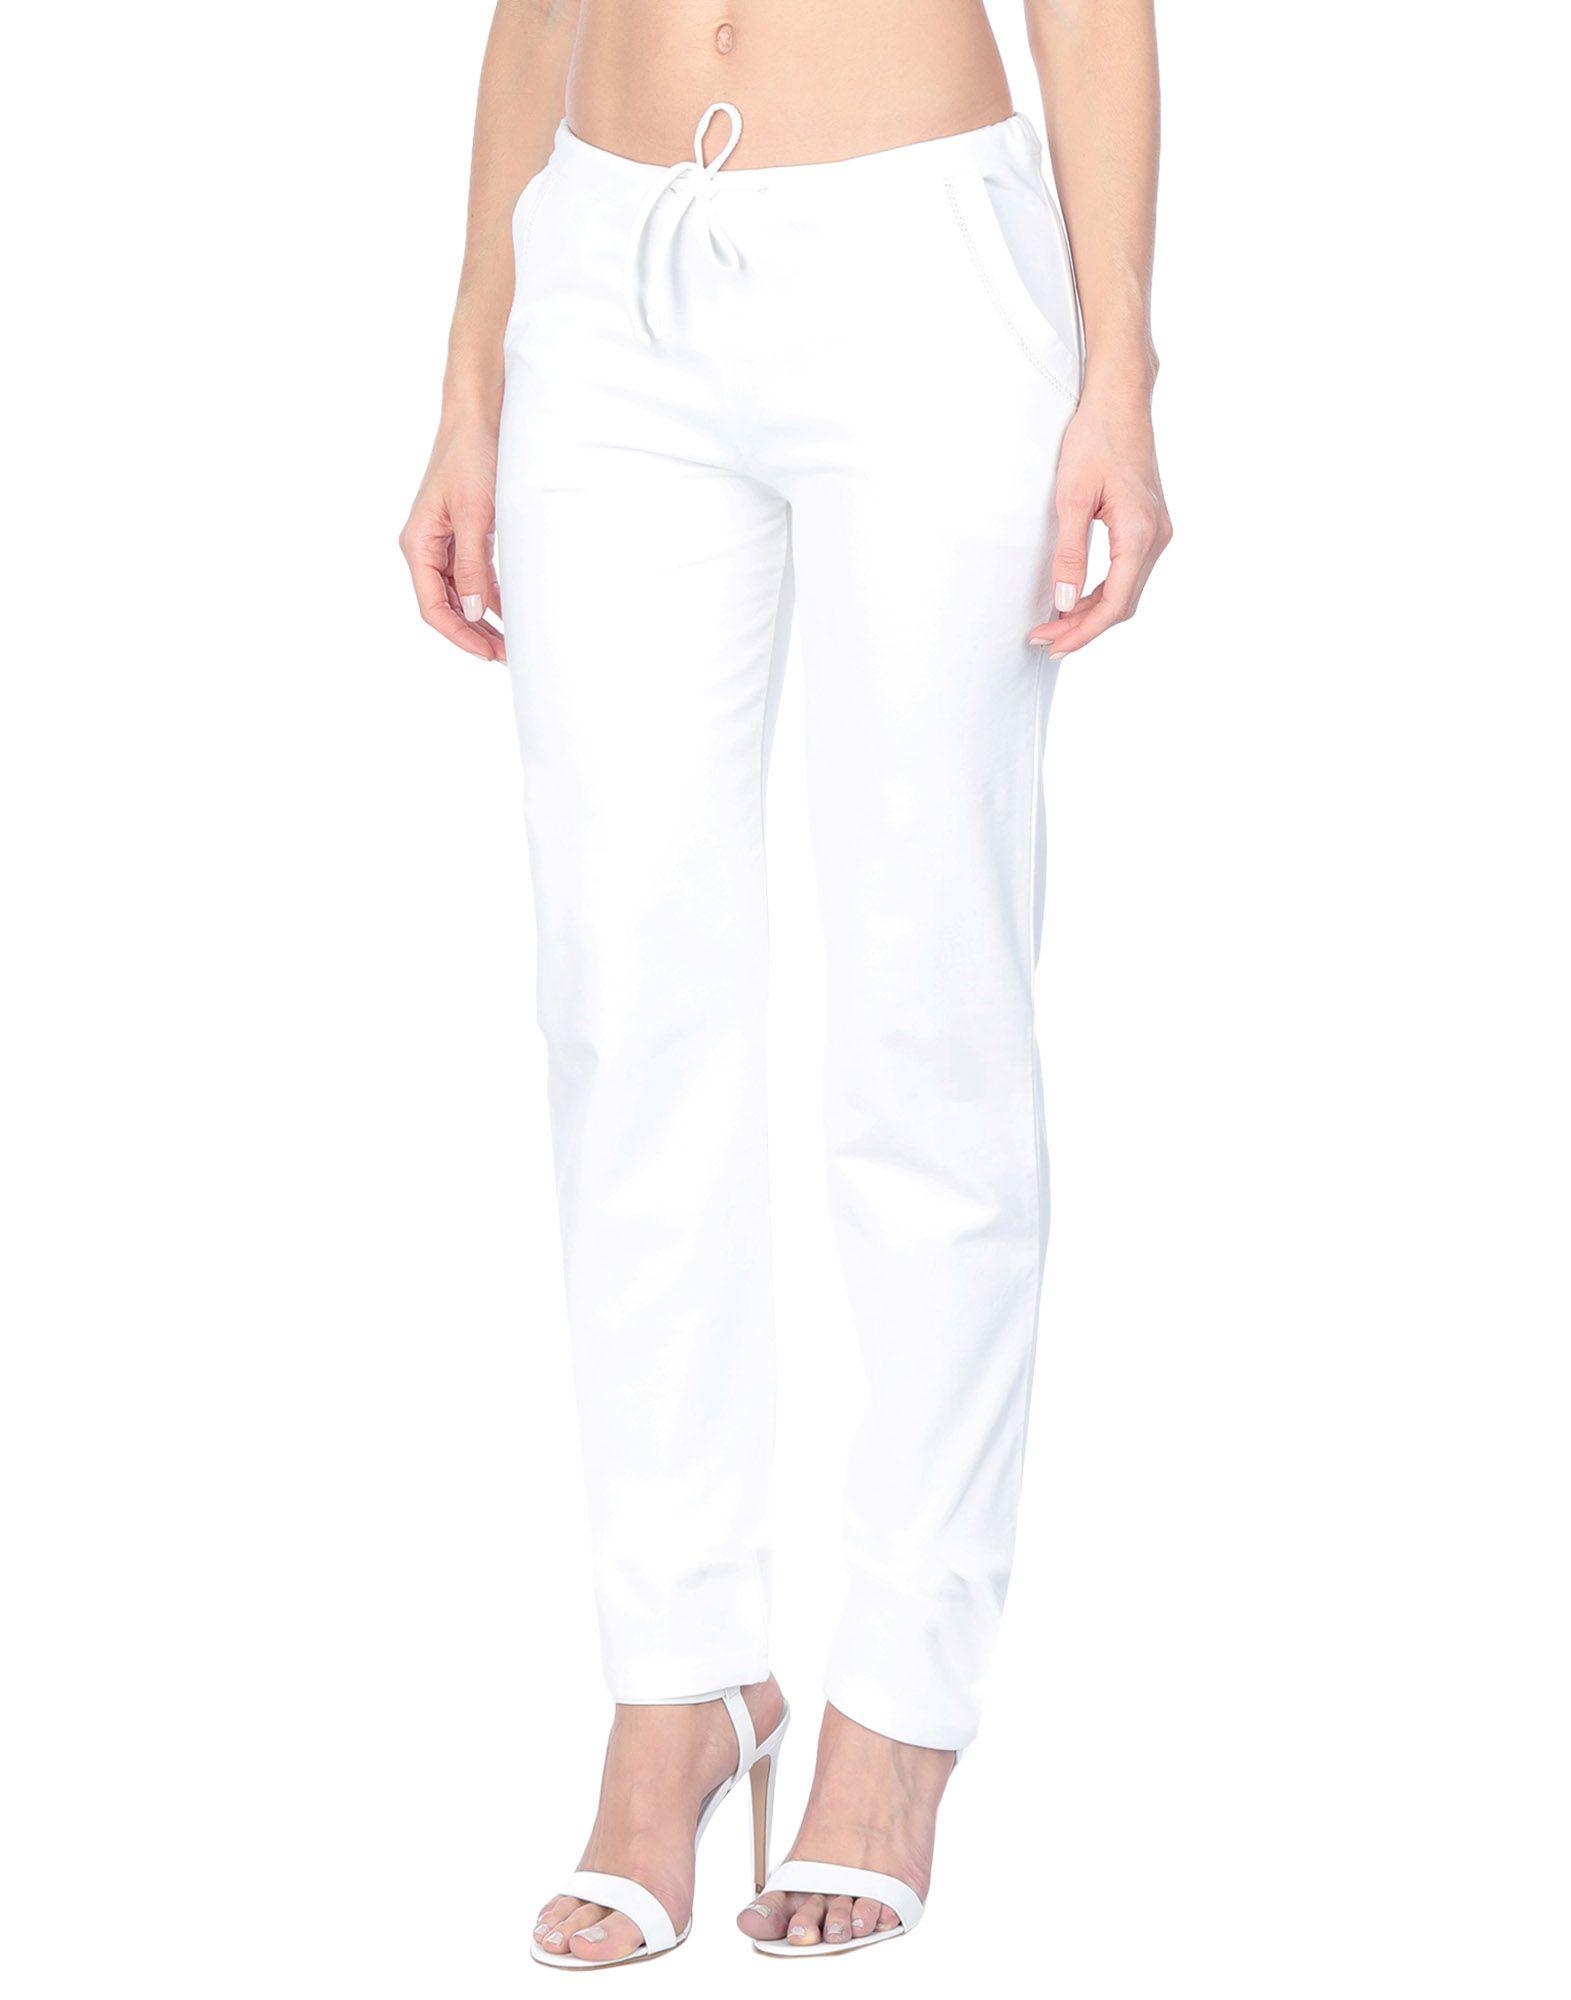 цены на BLUGIRL BLUMARINE BEACHWEAR Пляжные брюки и шорты  в интернет-магазинах